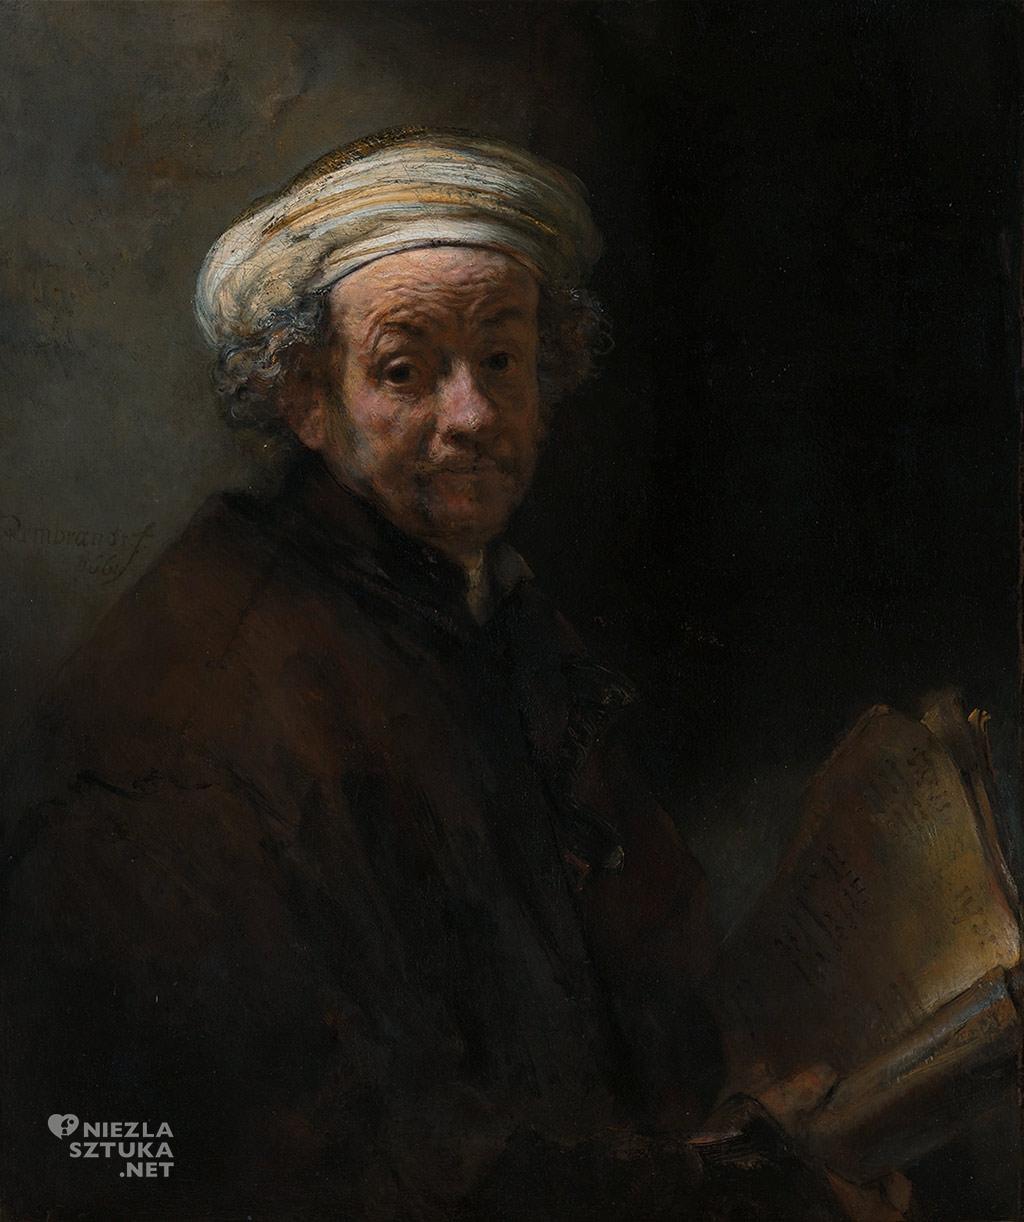 Rembrandt, Autoportret, św. Paweł, sztuka holenderska, Niezła sztuka